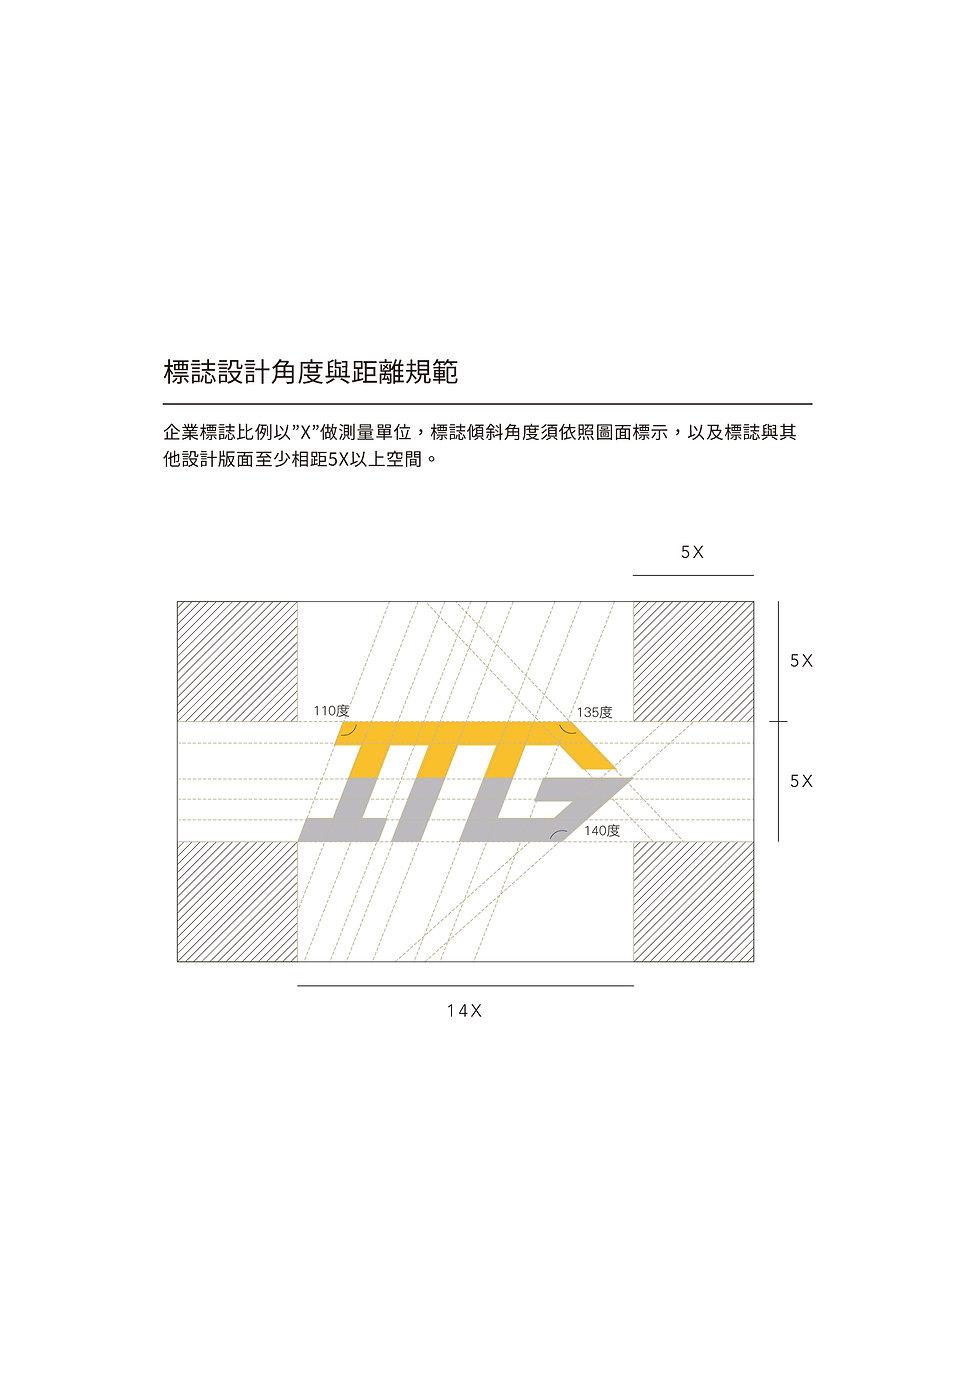 新鑫金屬標誌基礎系統-作品用-06.jpg